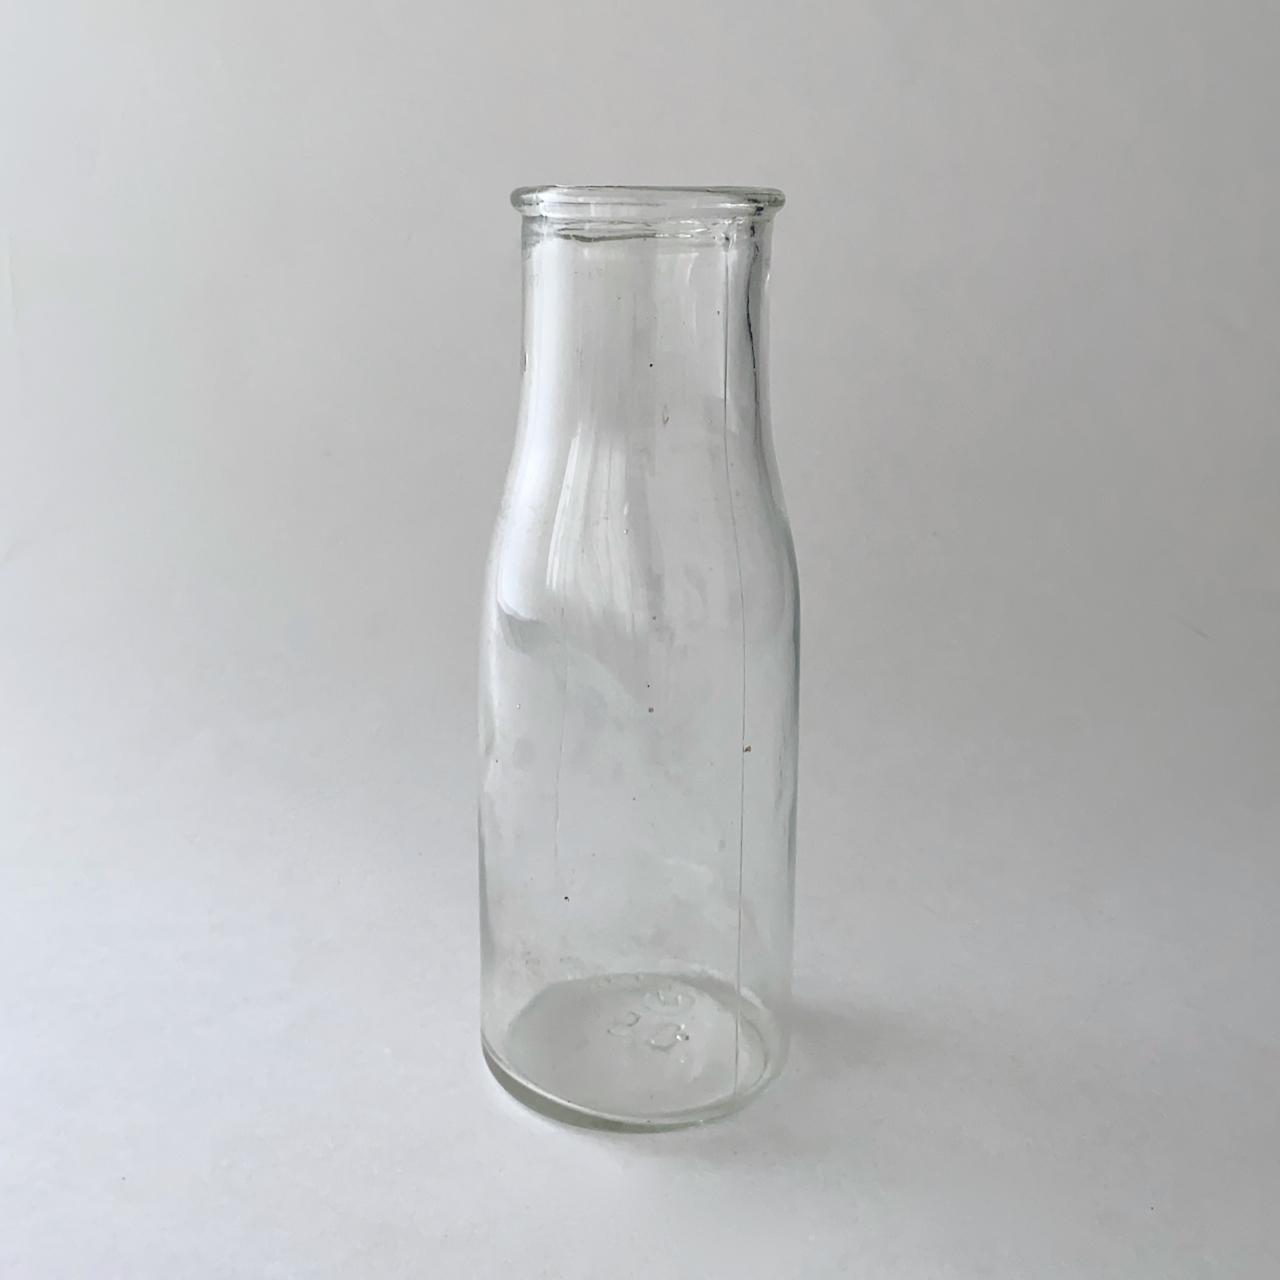 Thin Rim Milk Bottles |ヴィンテージのミルクボトル TR8